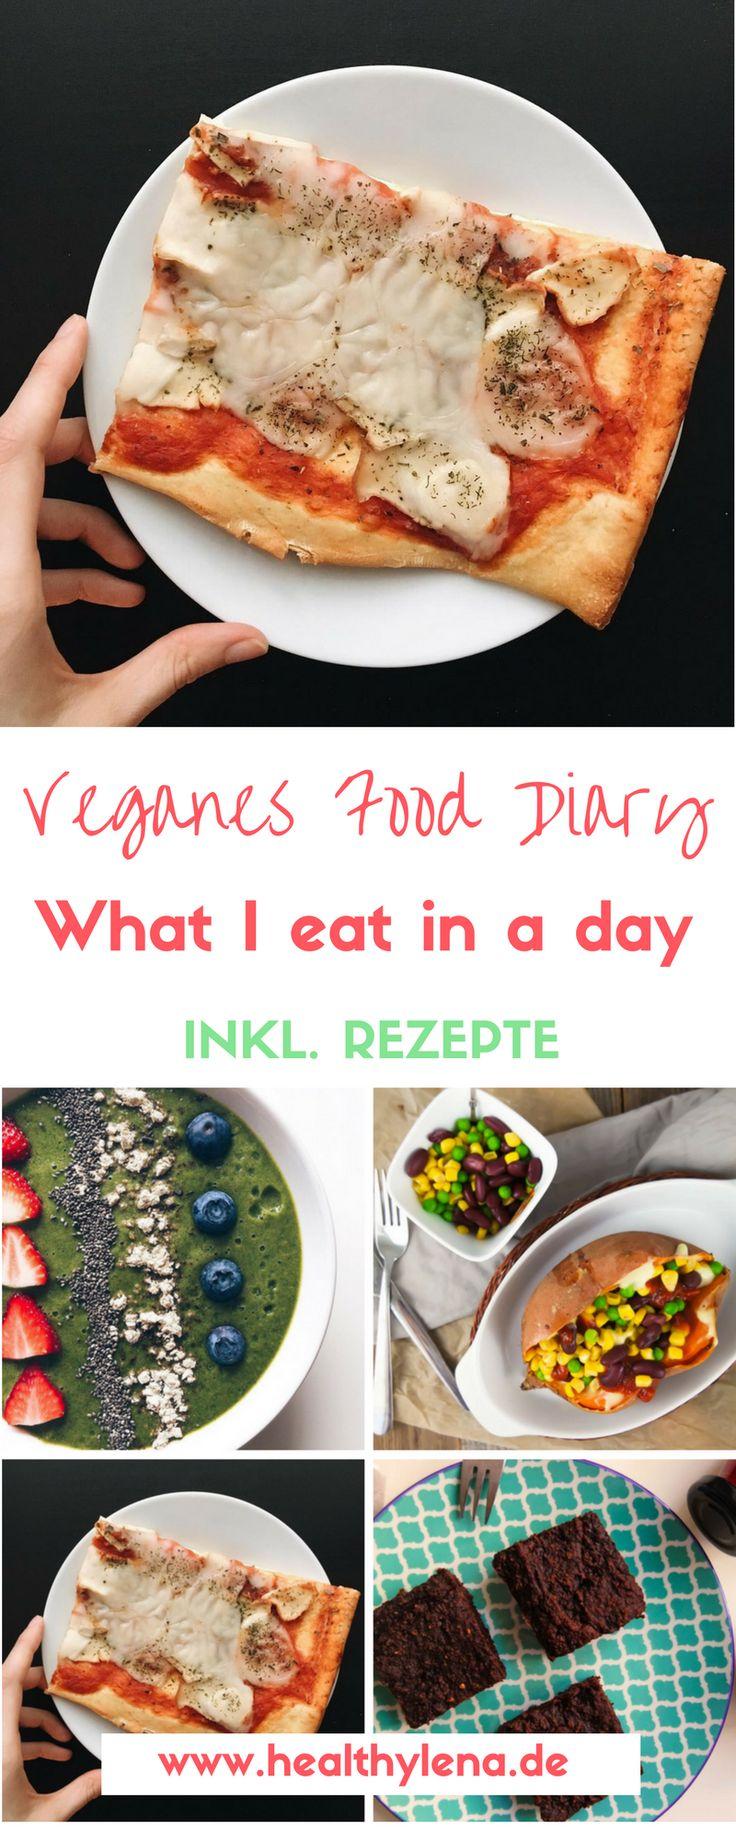 Auch im Oktober präsentiere ich dir wieder ein neues What I eat in a day. In meinem Food Diary 20 habe ich passend zum Schmuddelwetter wieder einige meiner liebsten Comfort Food Gerichte serviert. Natürlich darf da auch Pizza nicht fehlen - inklusive Rezepte!